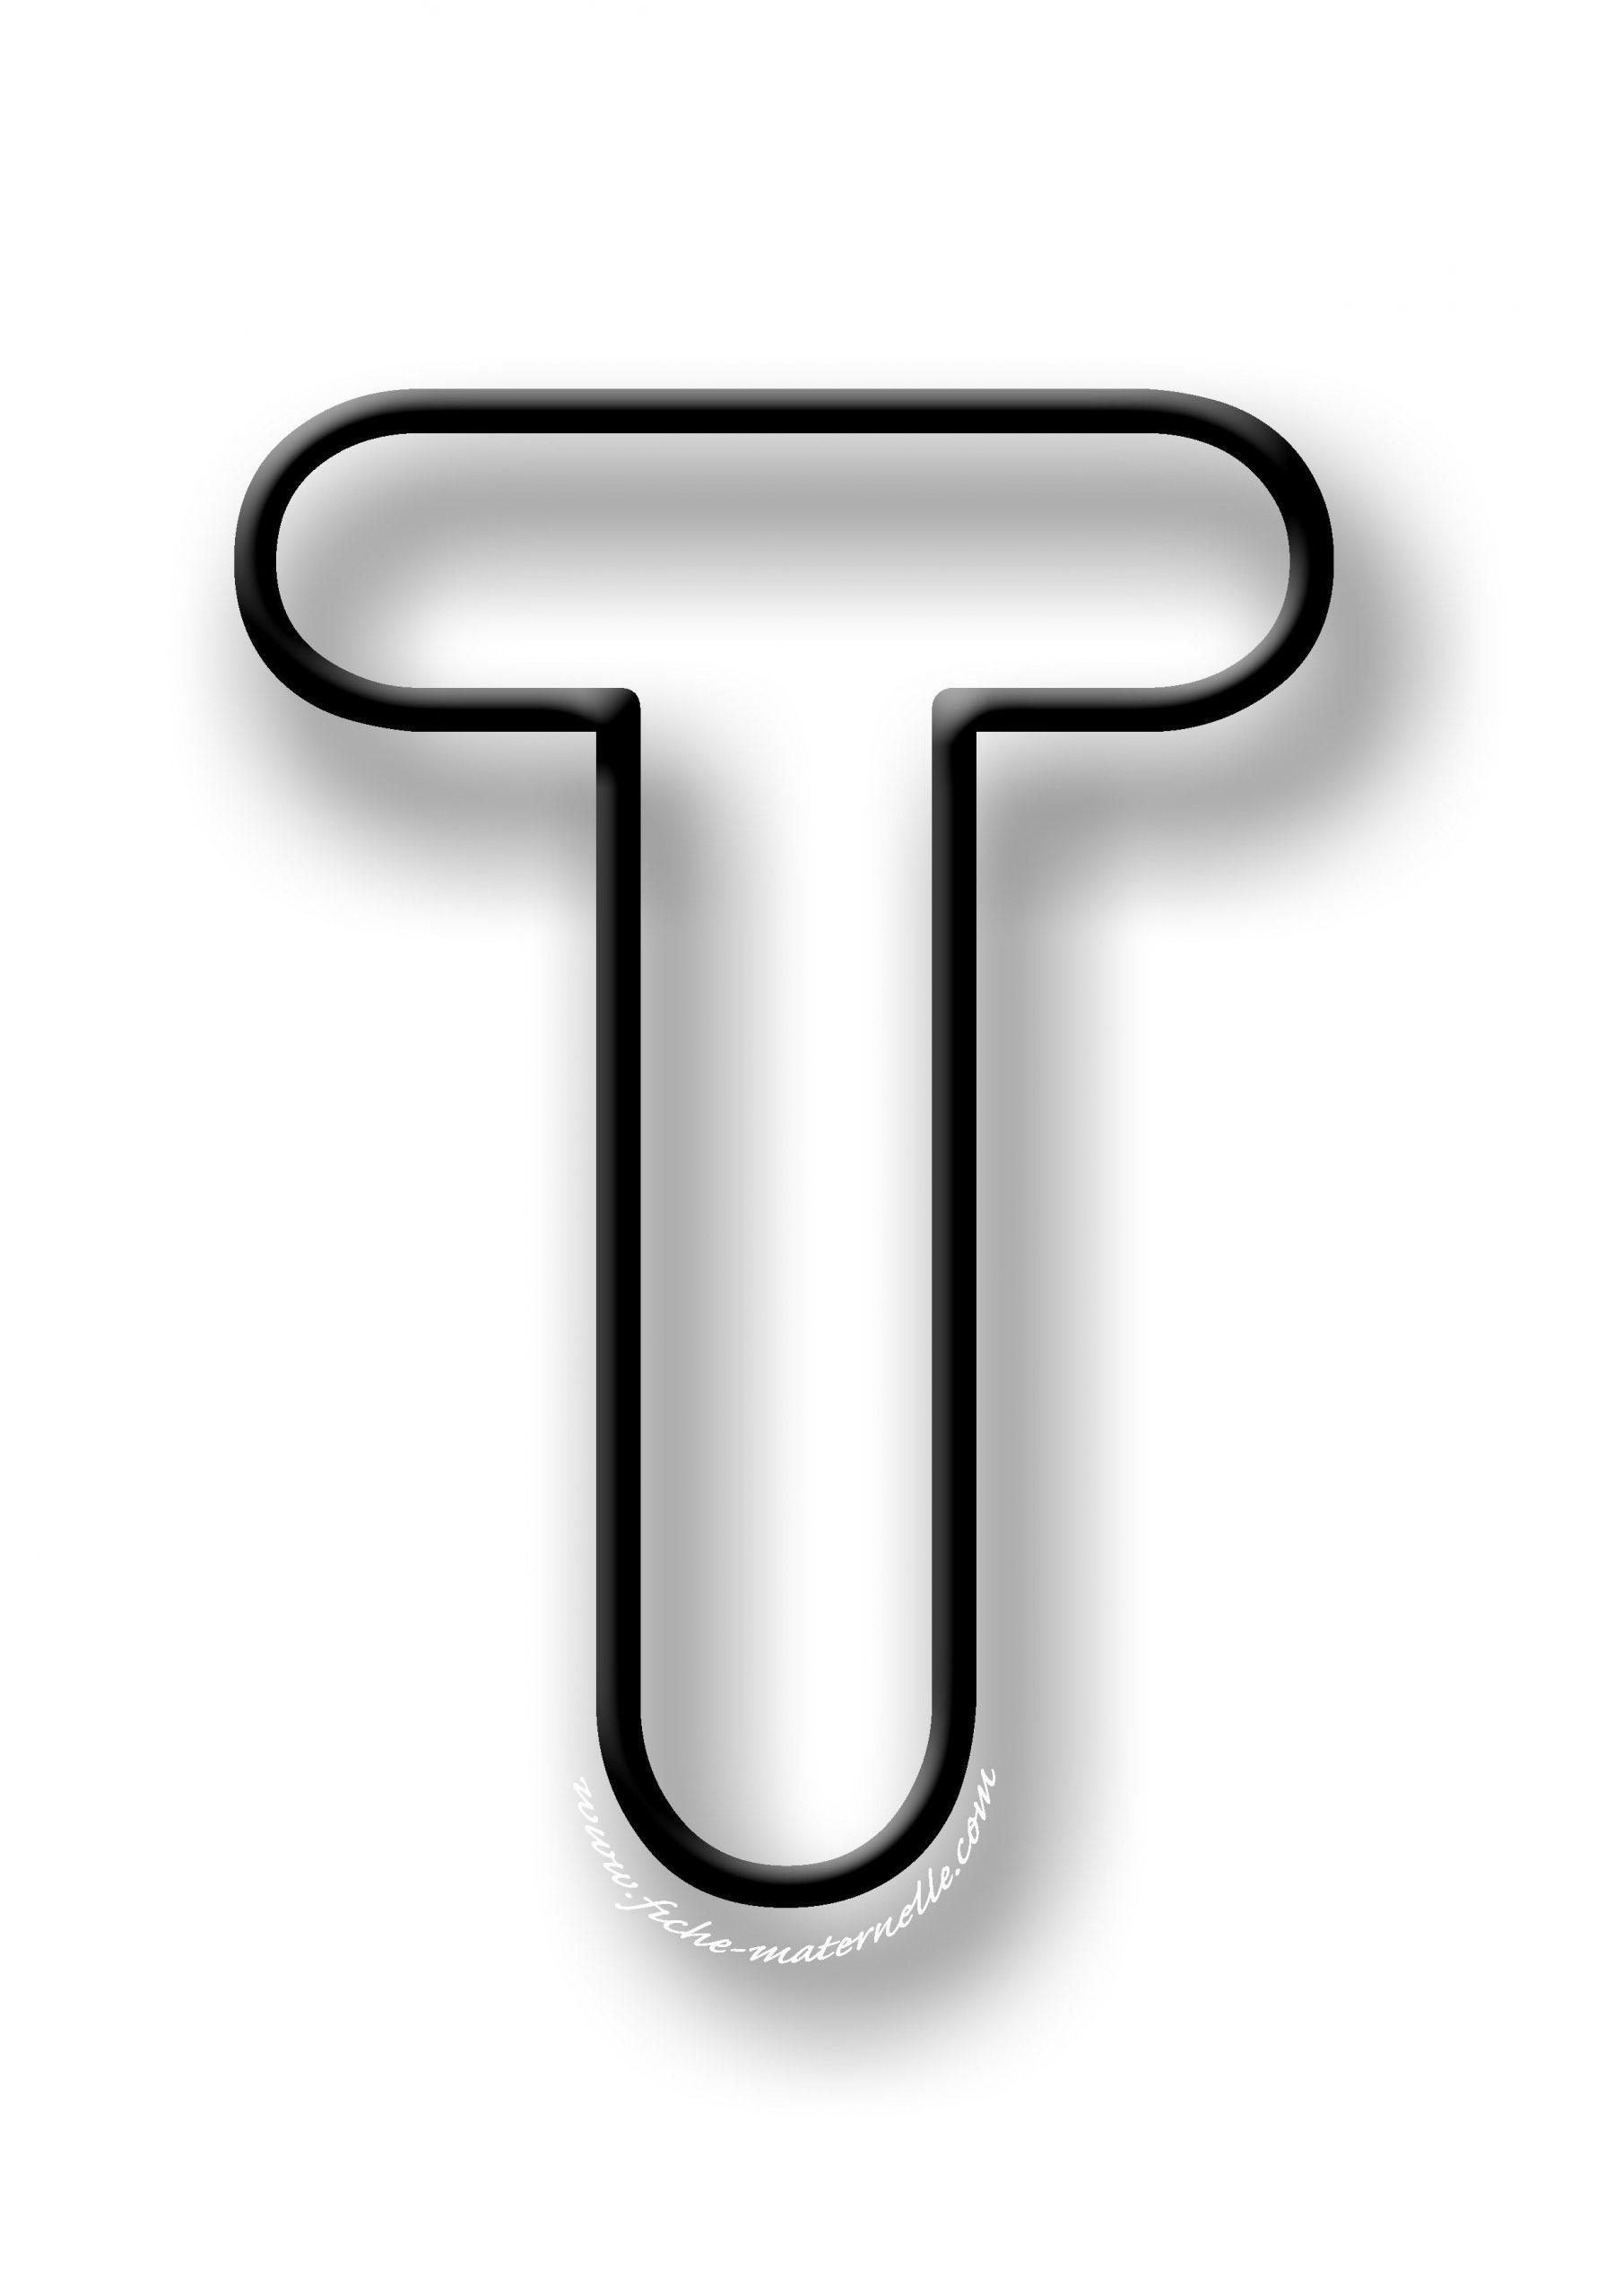 Coloriage De La Lettre T | Lettre A, Coloriage, Des Lettres concernant Dessin Lettre E